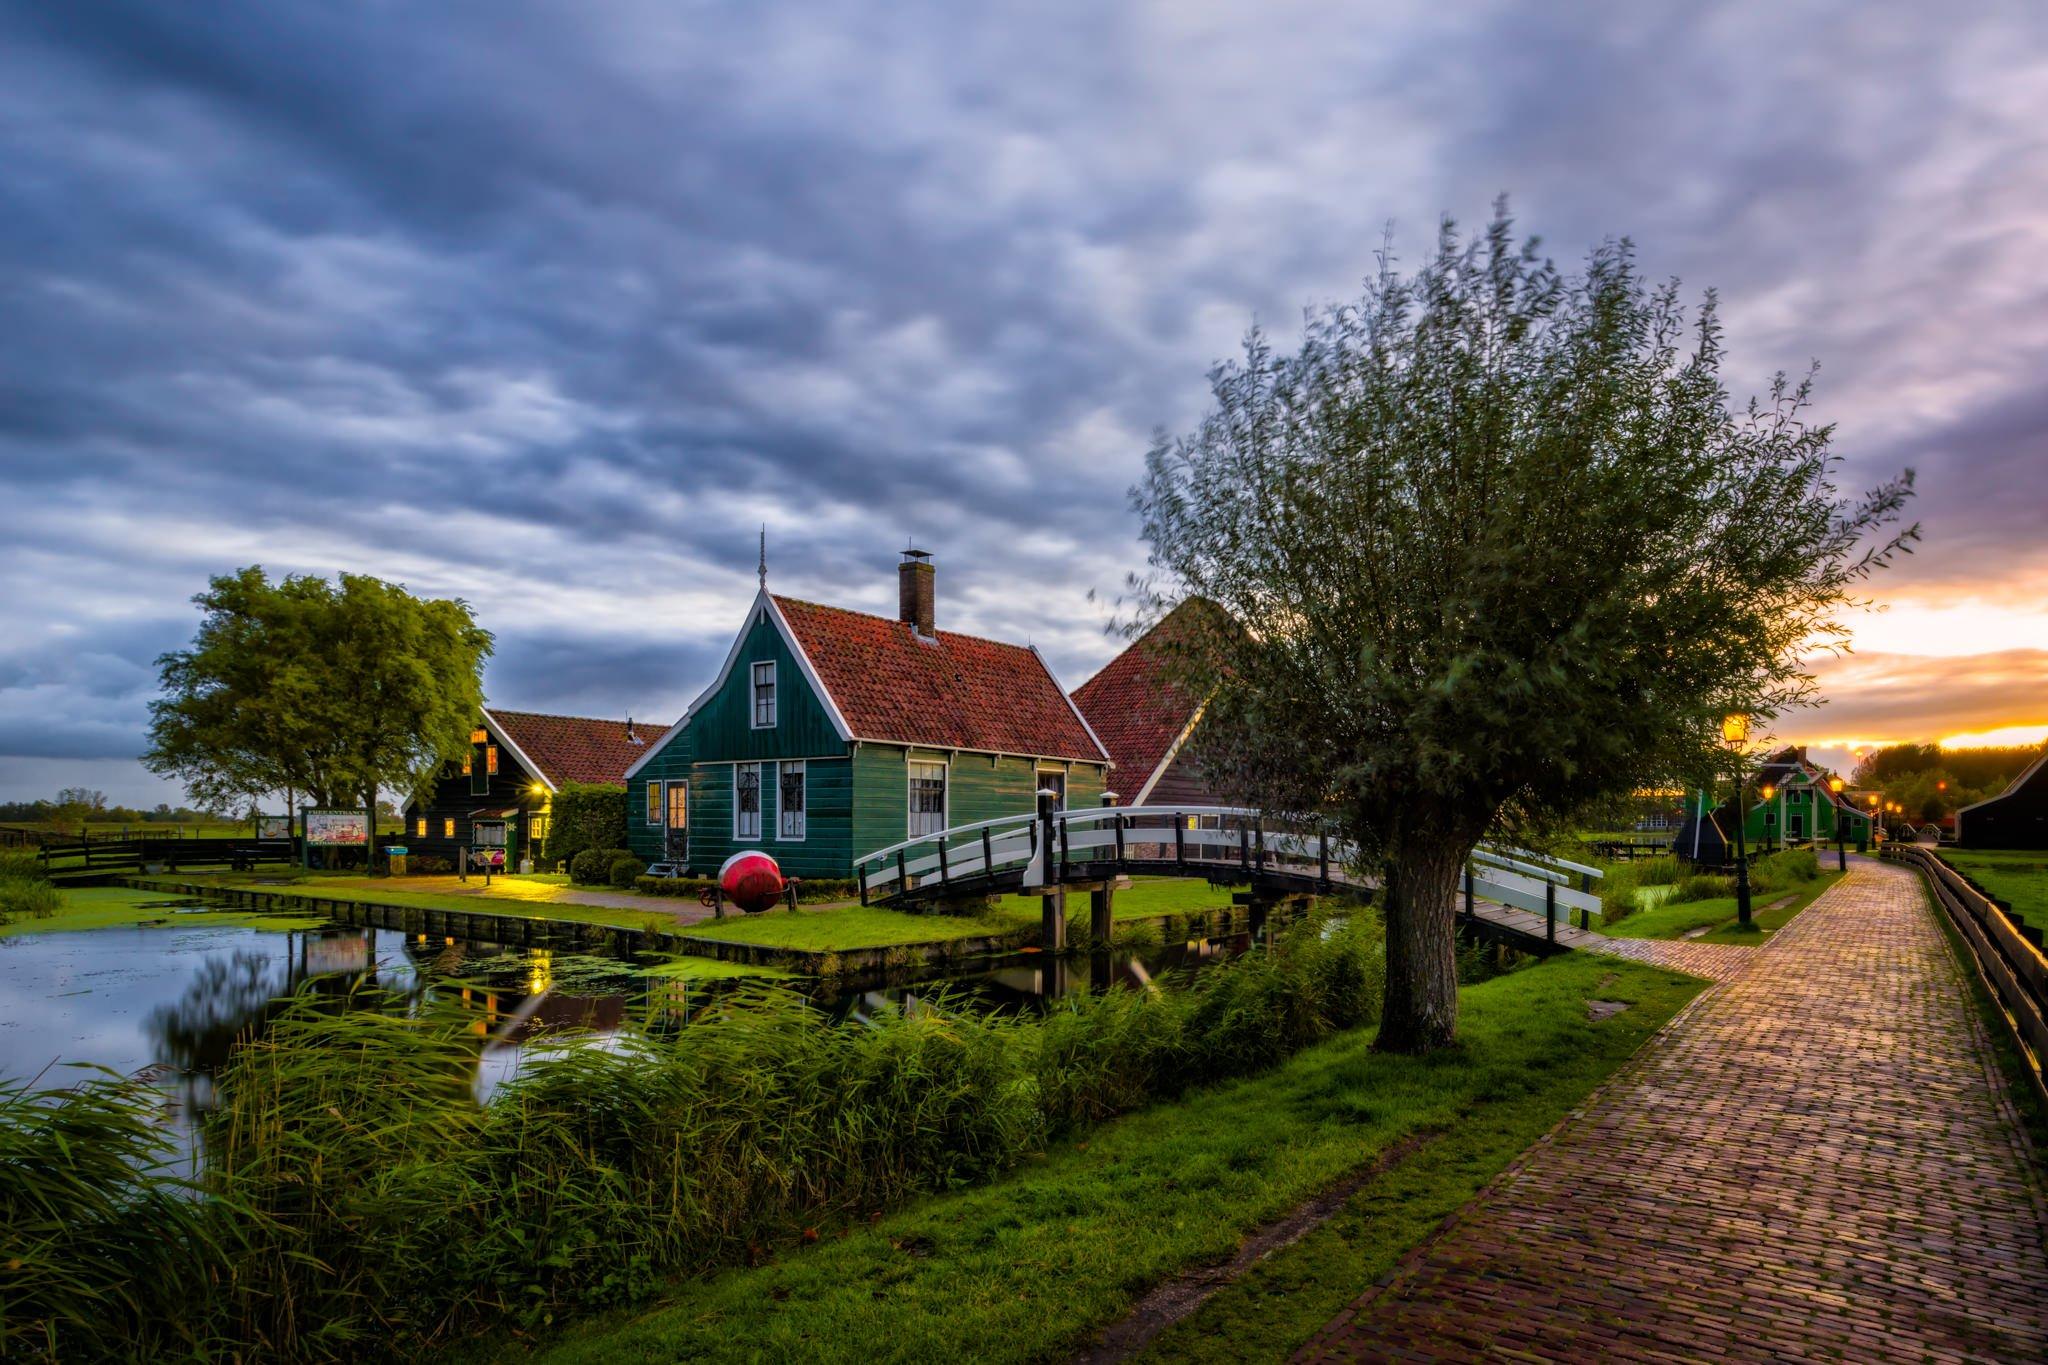 Zaanse Schans, Dorf in den Niederlanden bei Sonnenaufgang.